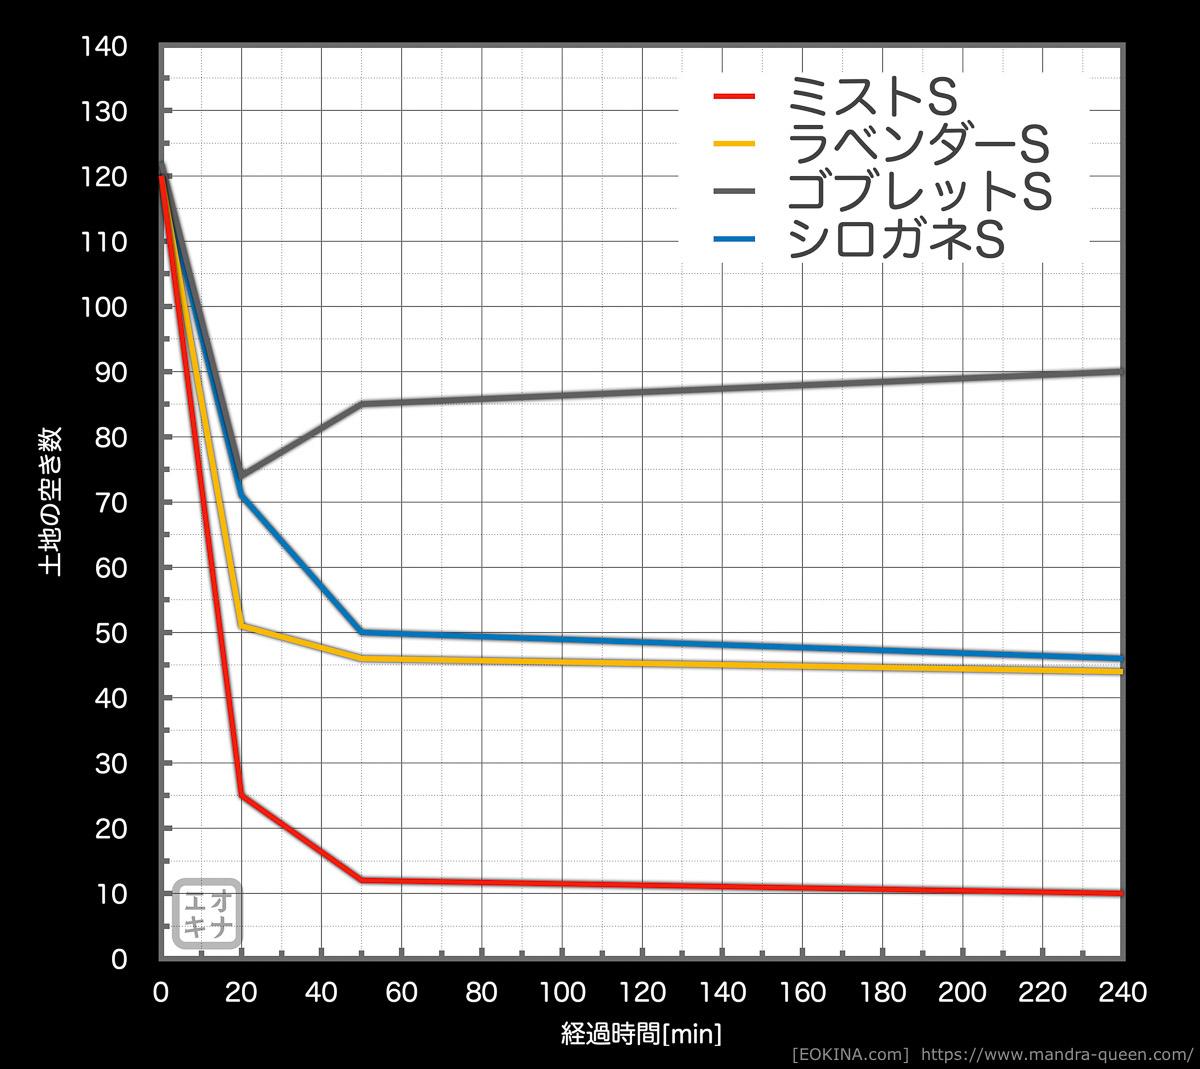 パッチ5.35でハウジング区画が追加された際の全区画のSサイスの空き状況の推移を表したグラフ。